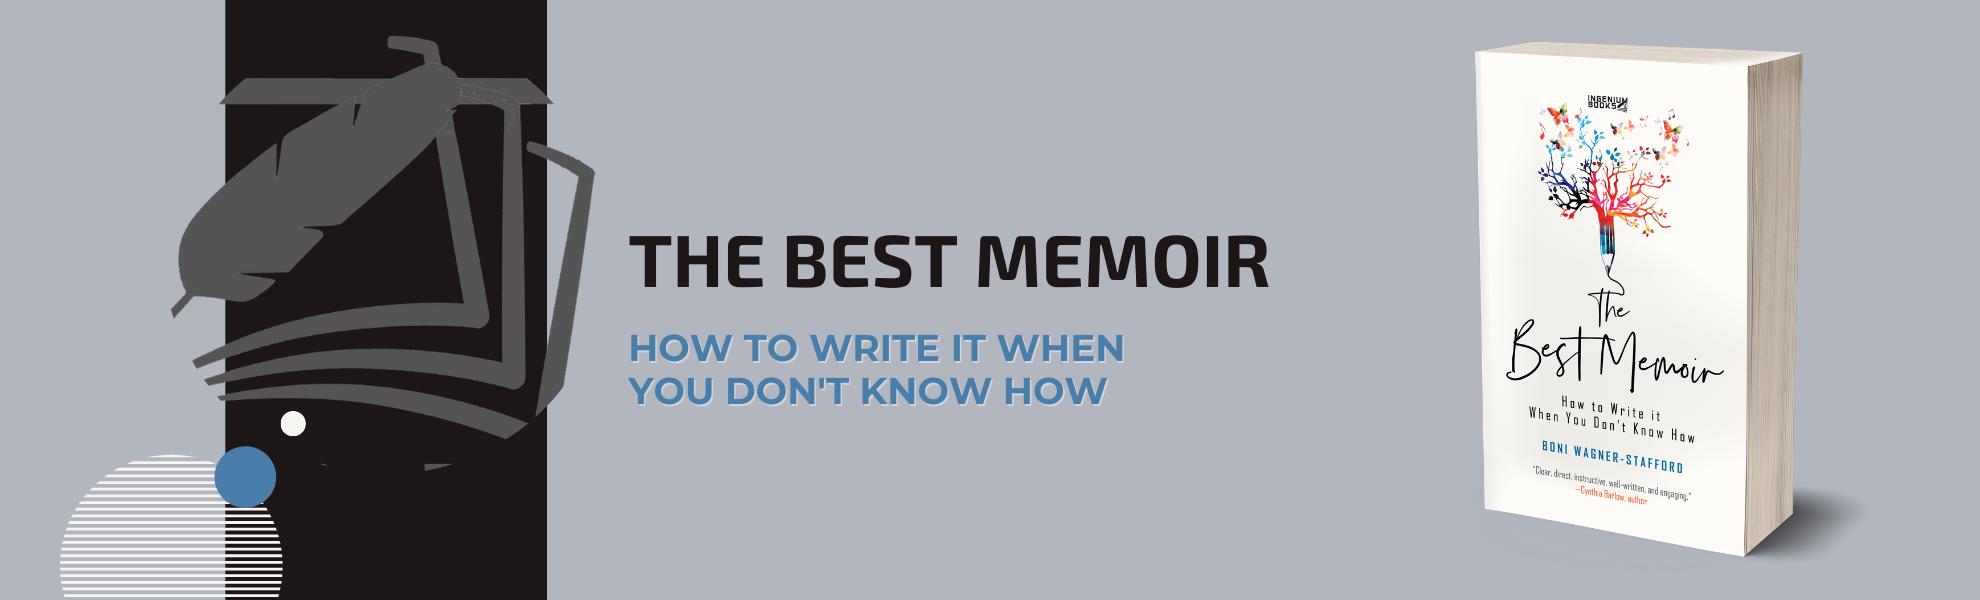 TheBest Memoir Webpage Header GREY